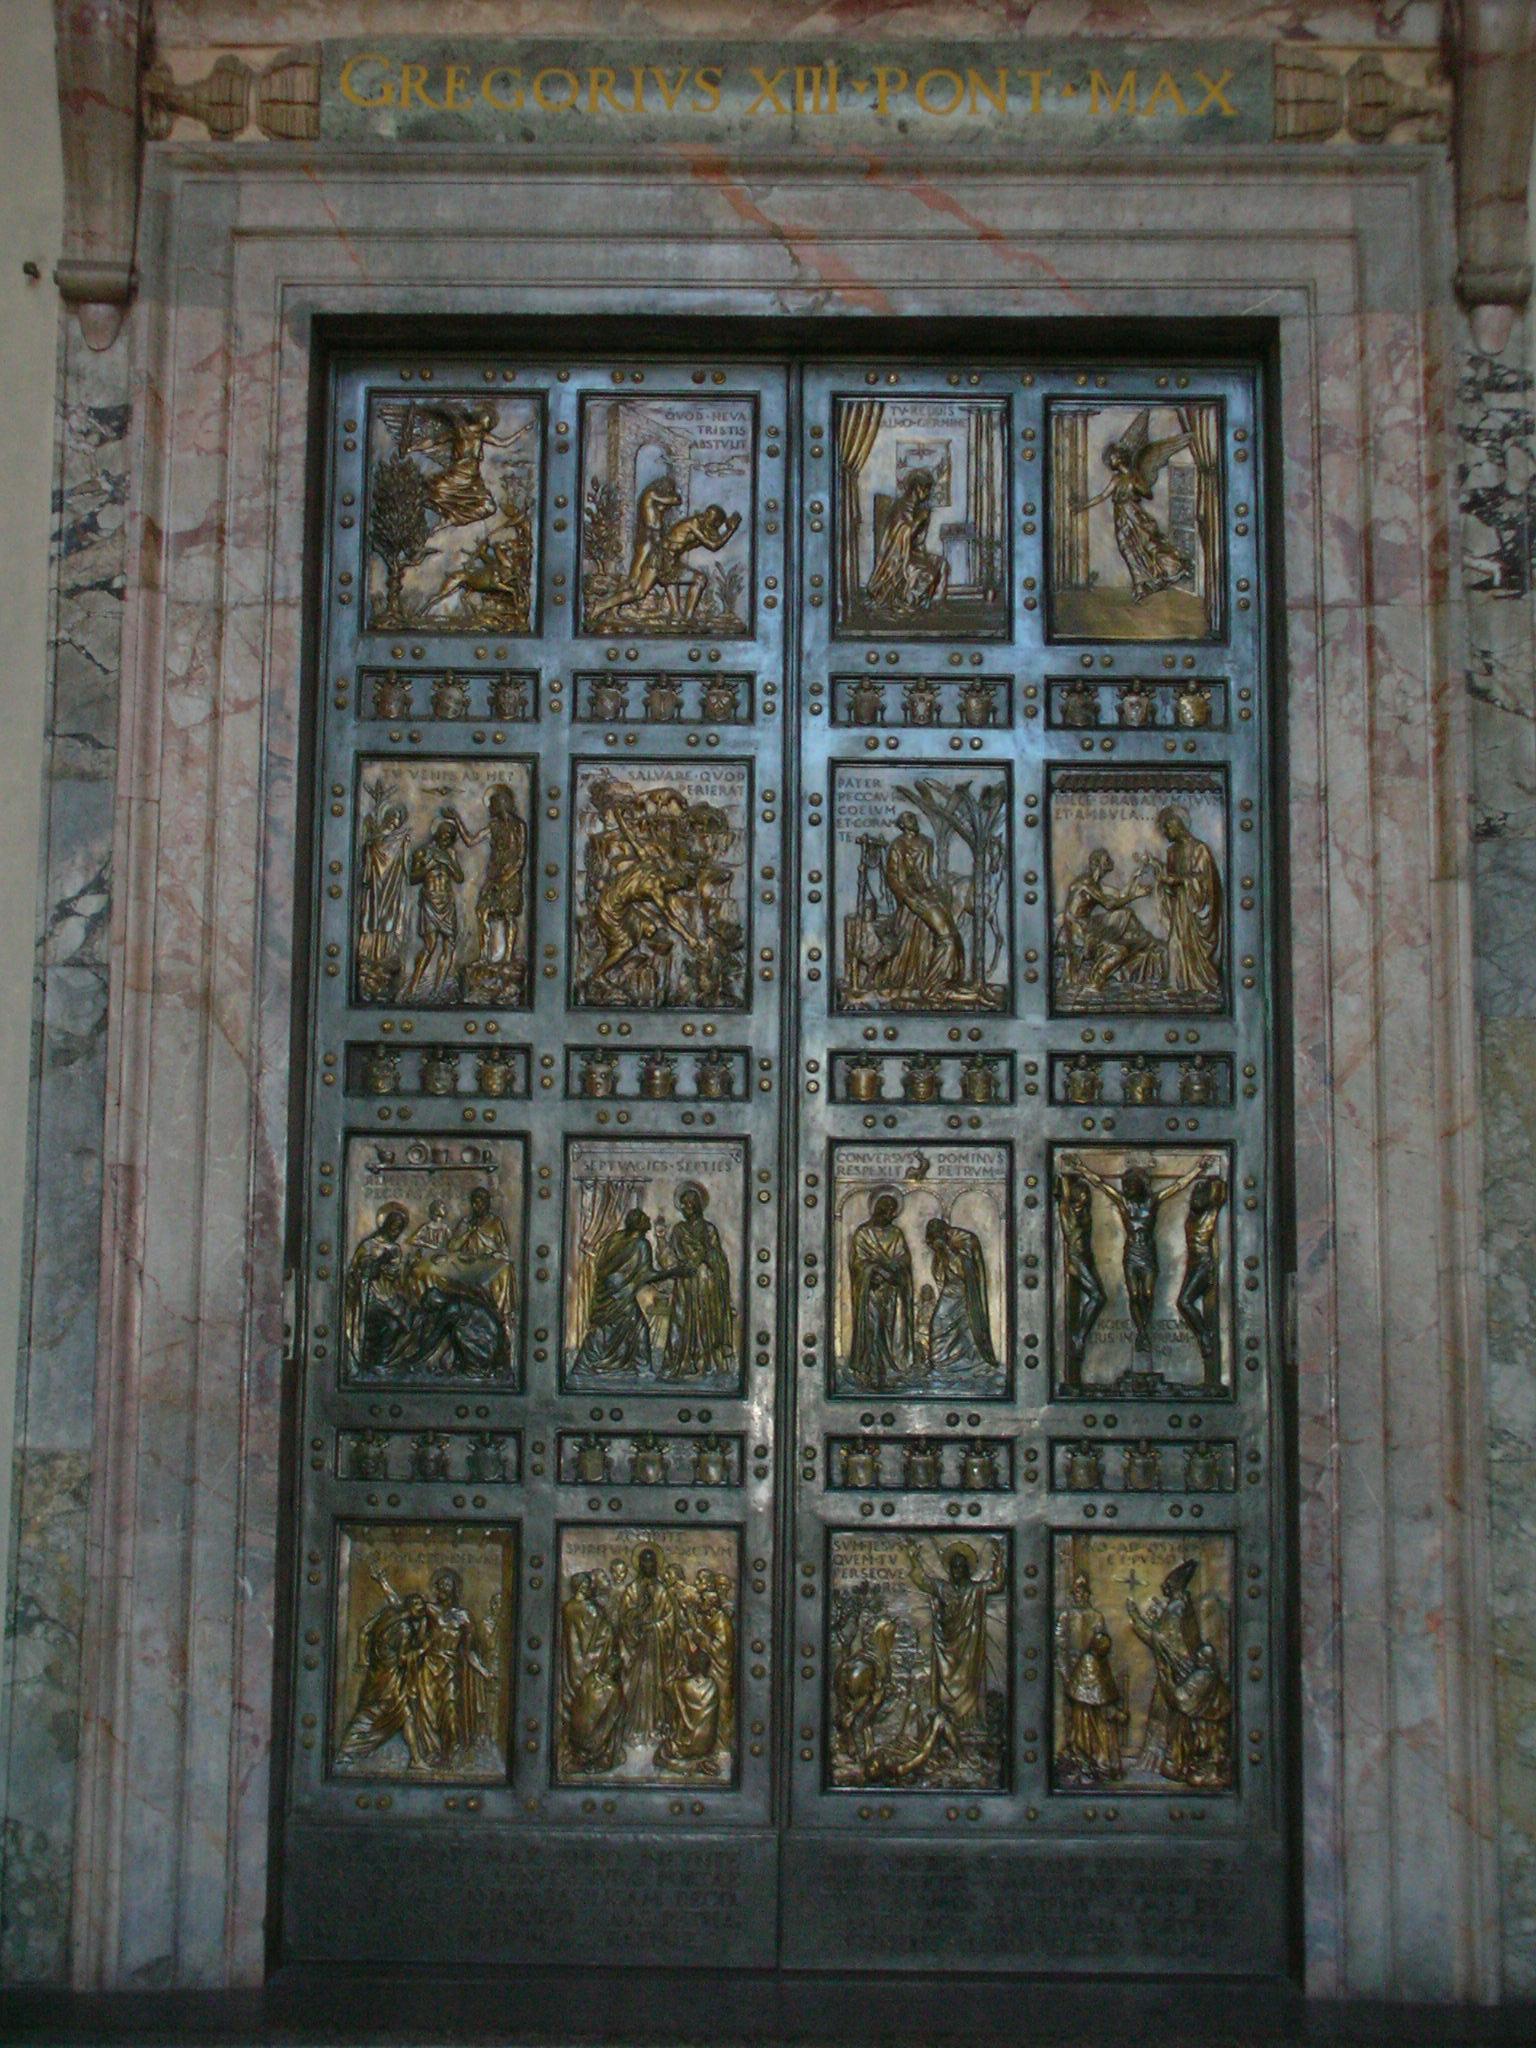 Heilige pforte - Immagini porta santa ...